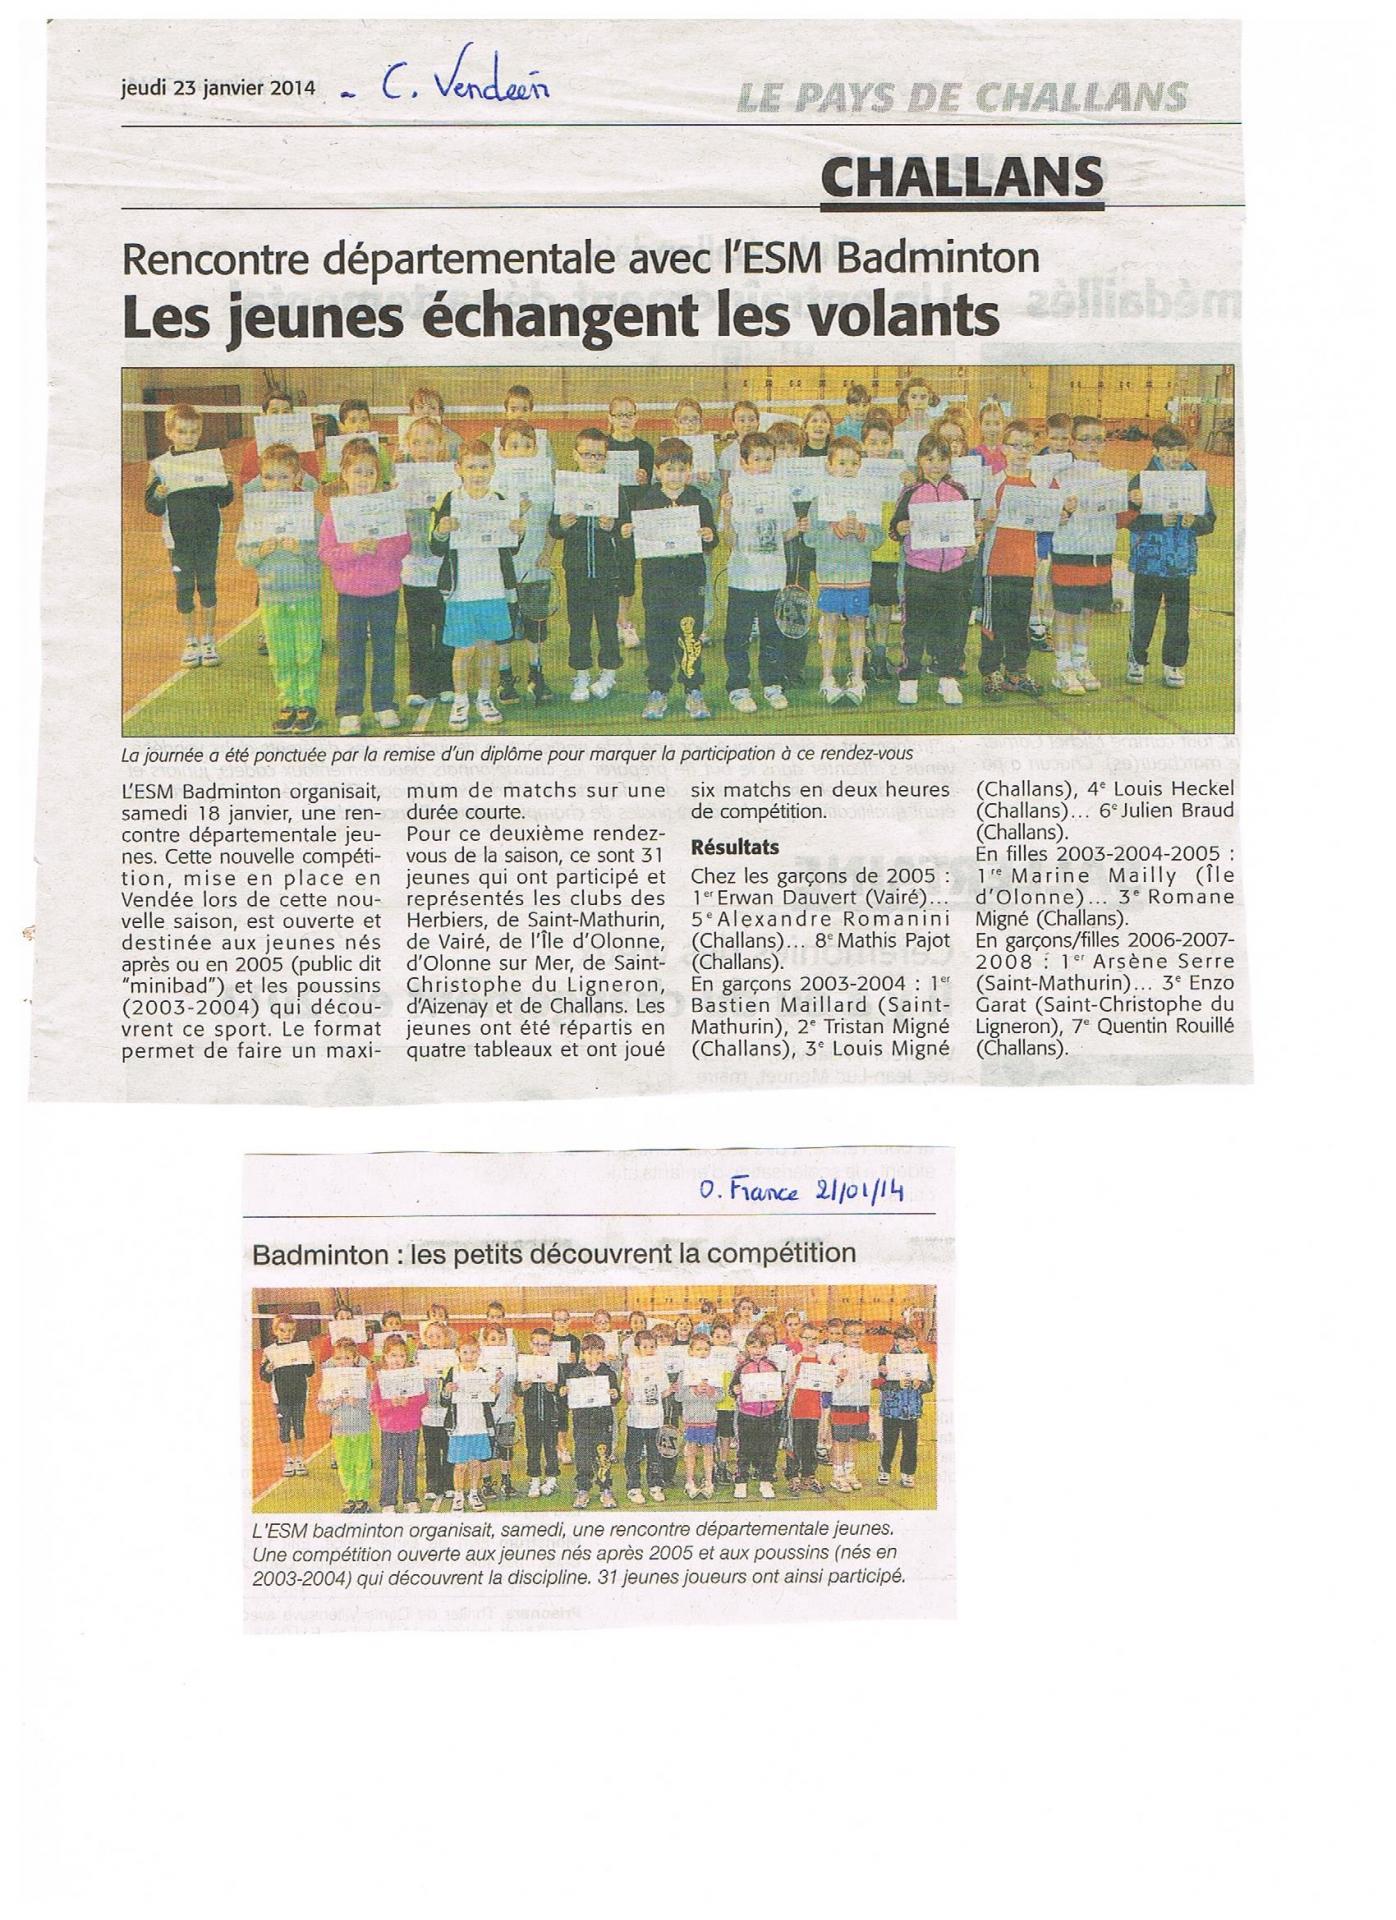 C Vendéen 23 01 14